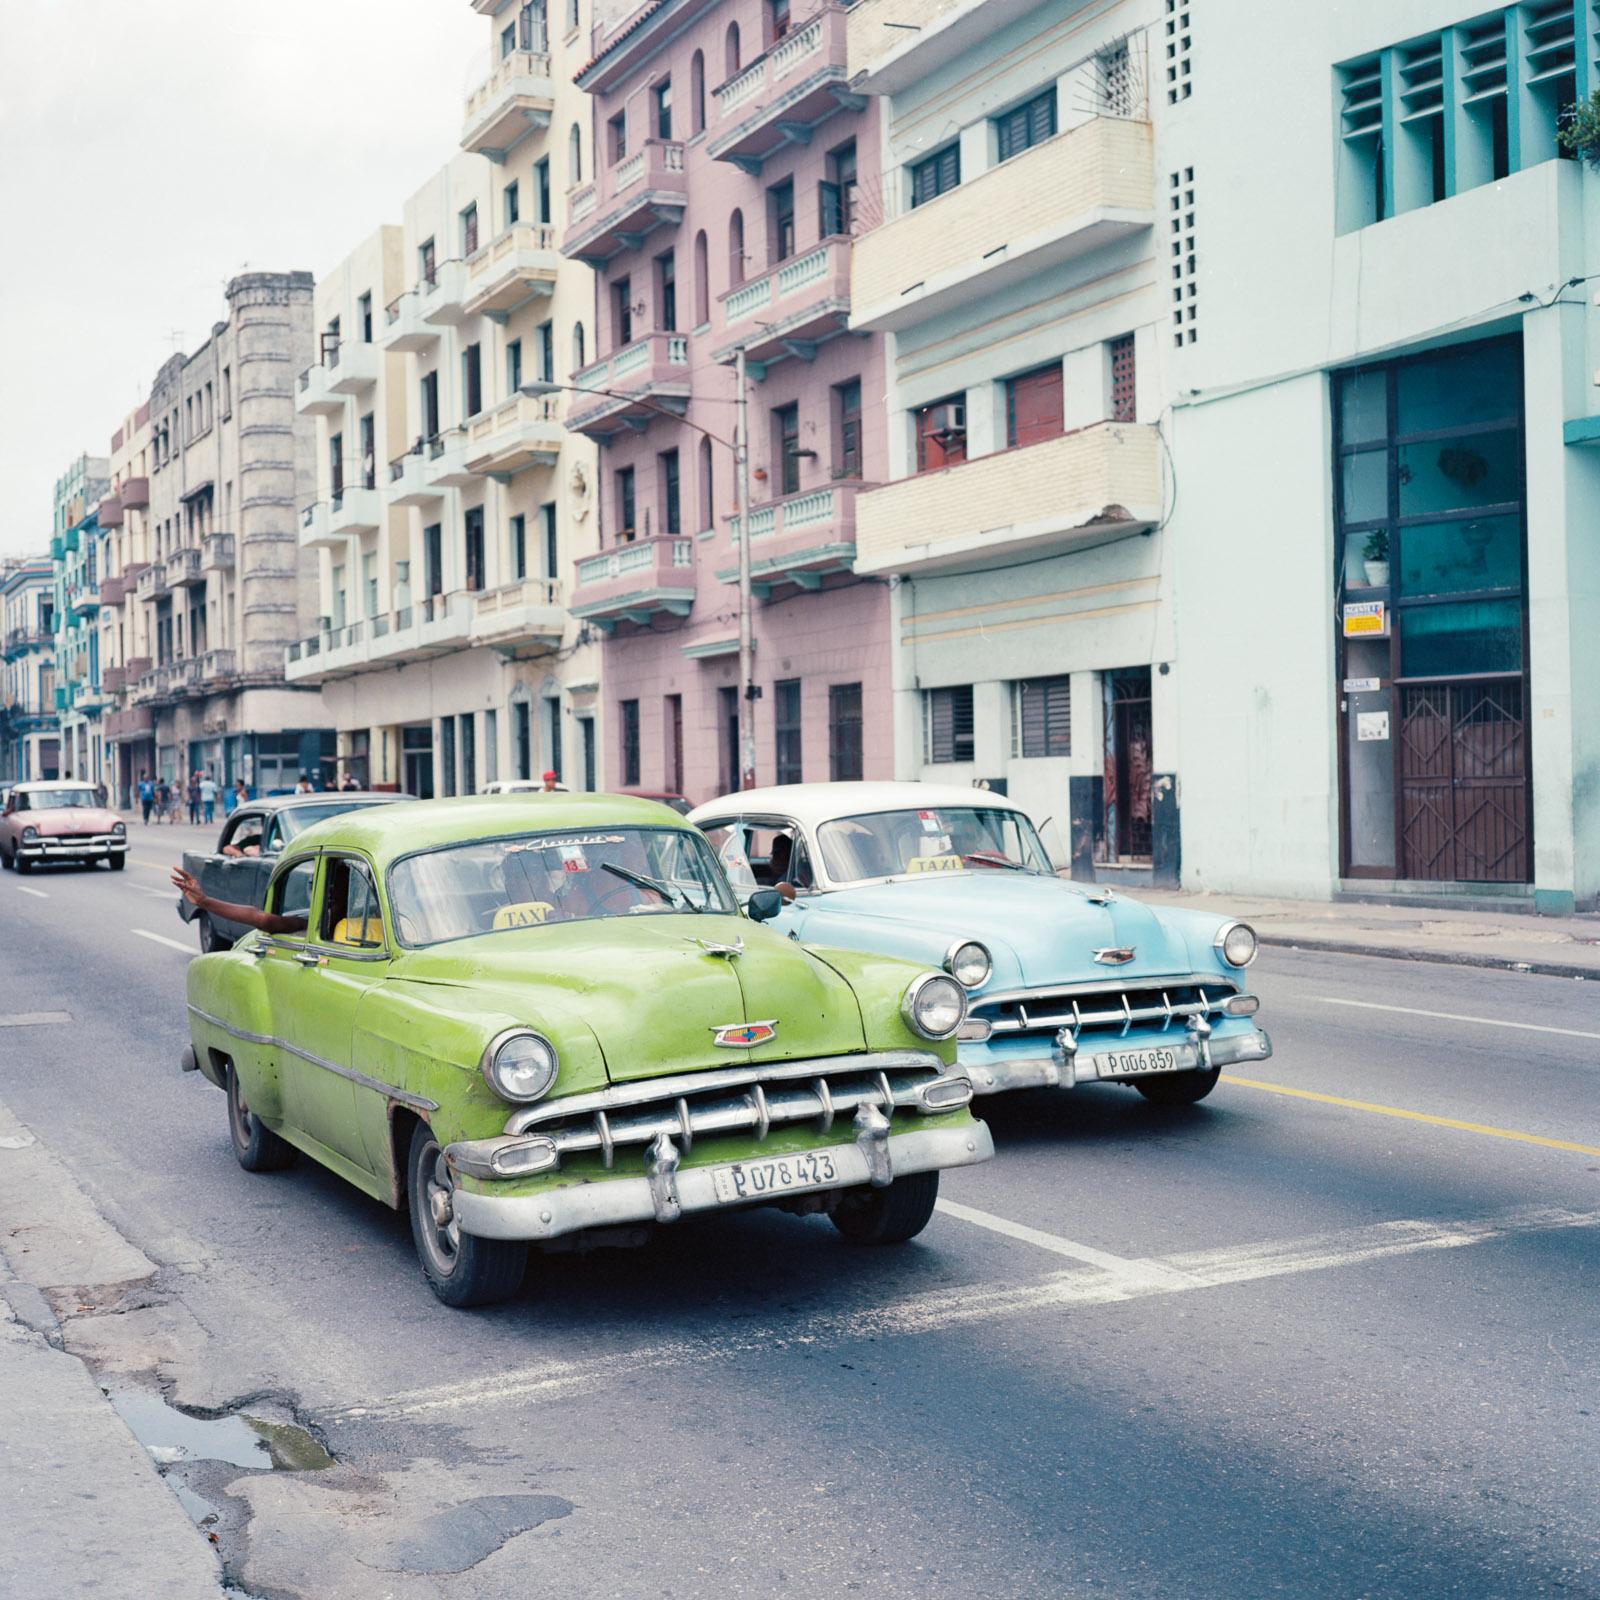 0001-cuba-travelphotography-23-Cuba-Ektar-100-3.jpg